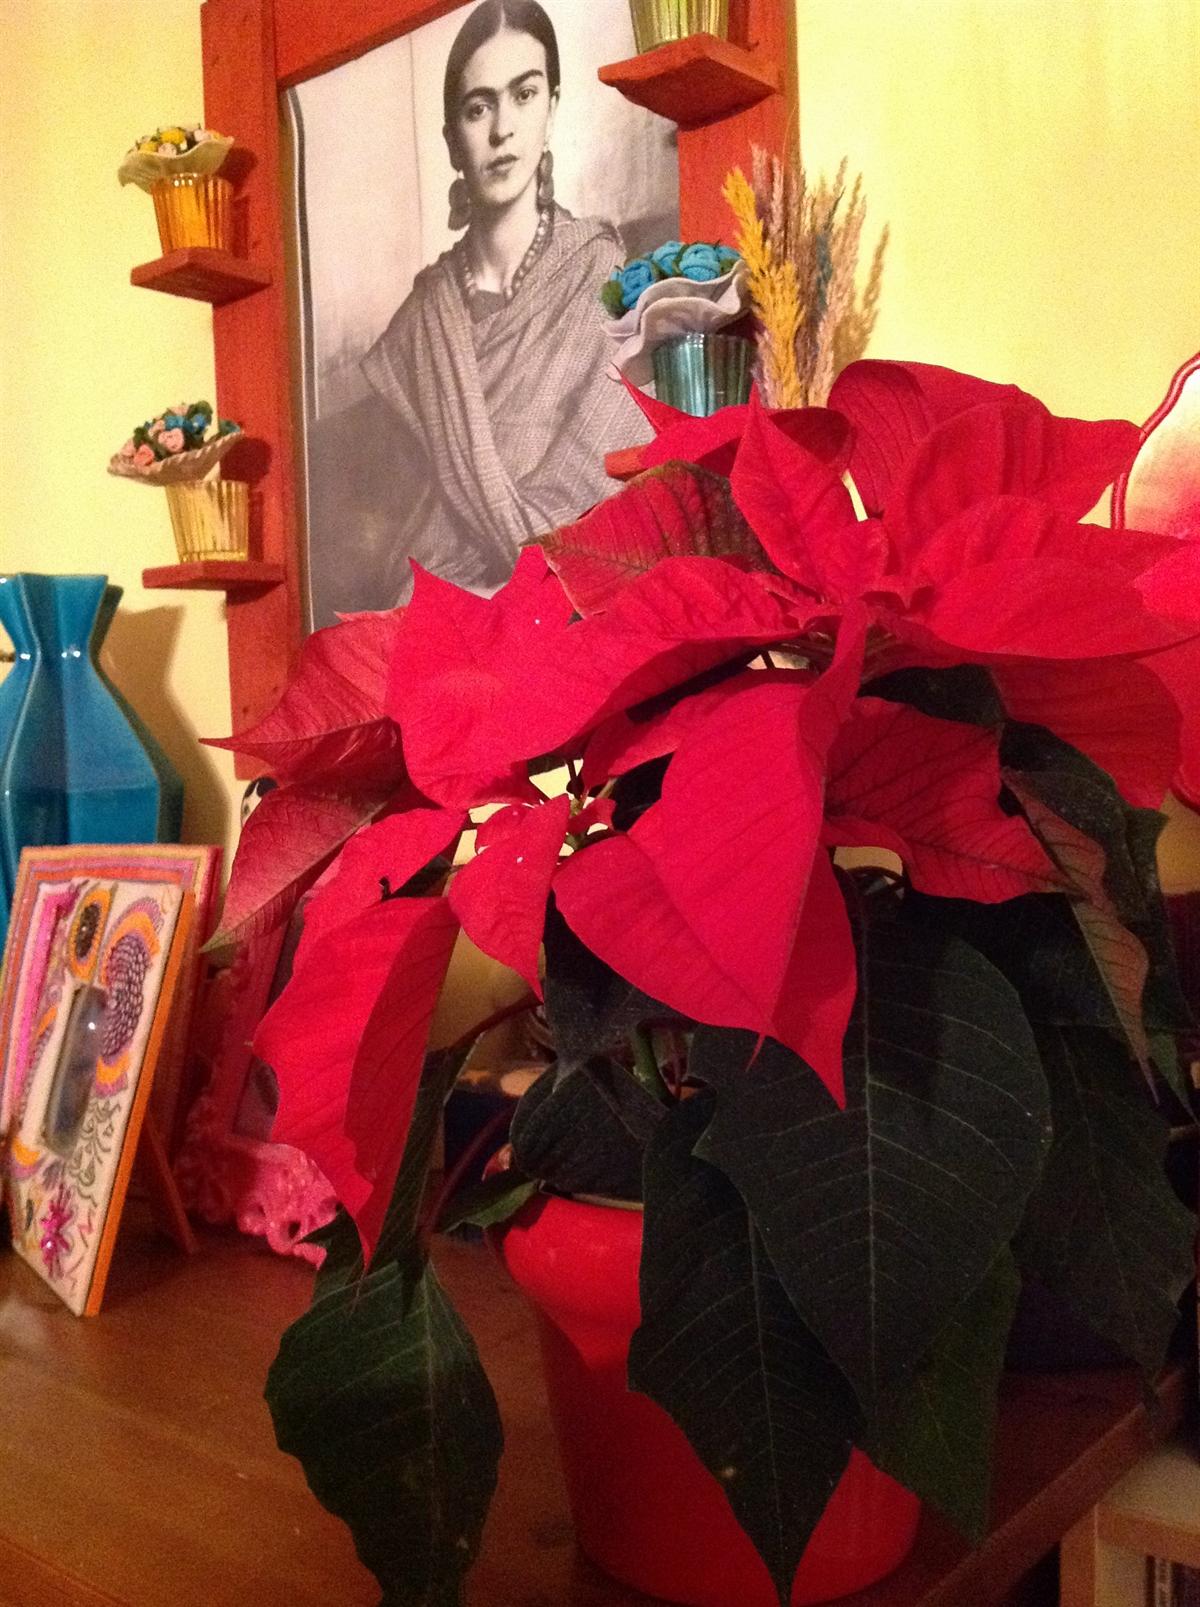 1c gwiazda_betlejemska_boze_narodzenie_wigilia_dekoracje_stol_na_swieta_pomysly_christmas_decorationg_ideas_home_decor_interio_design_holiday_table_setting_forelements_blog